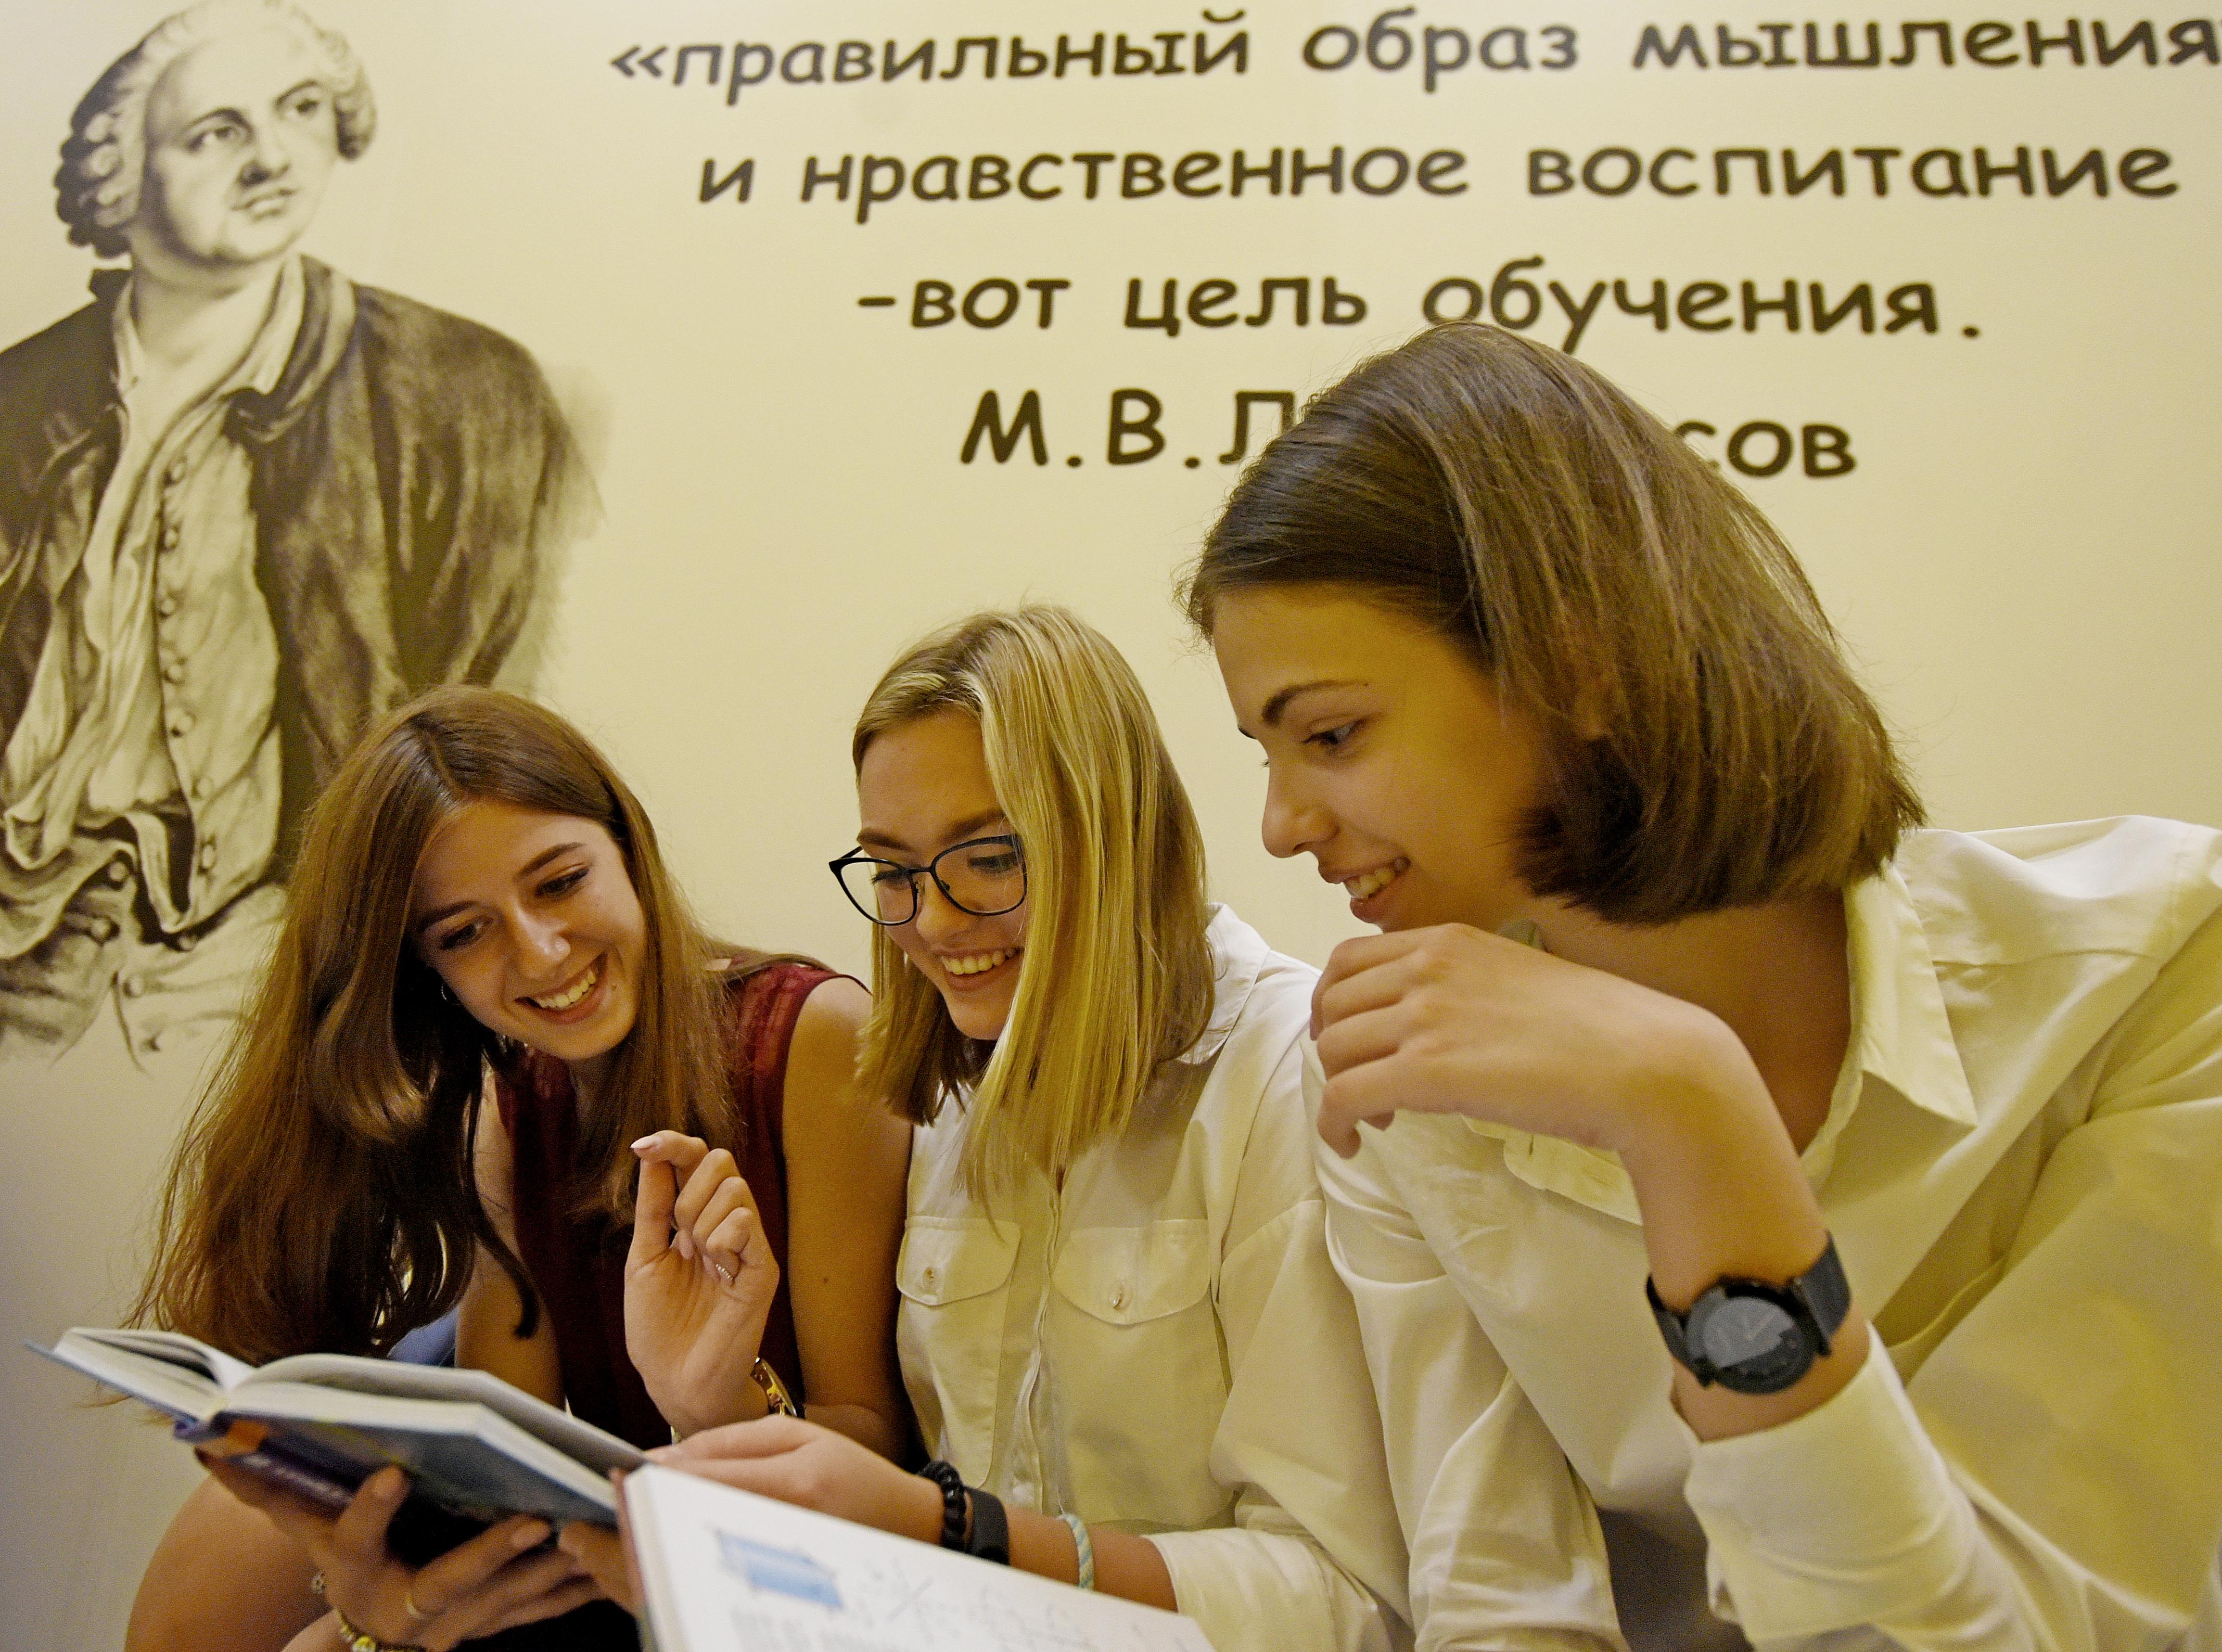 Флешмобы в честь полувекового юбилея школы №2065 организовали в Московском